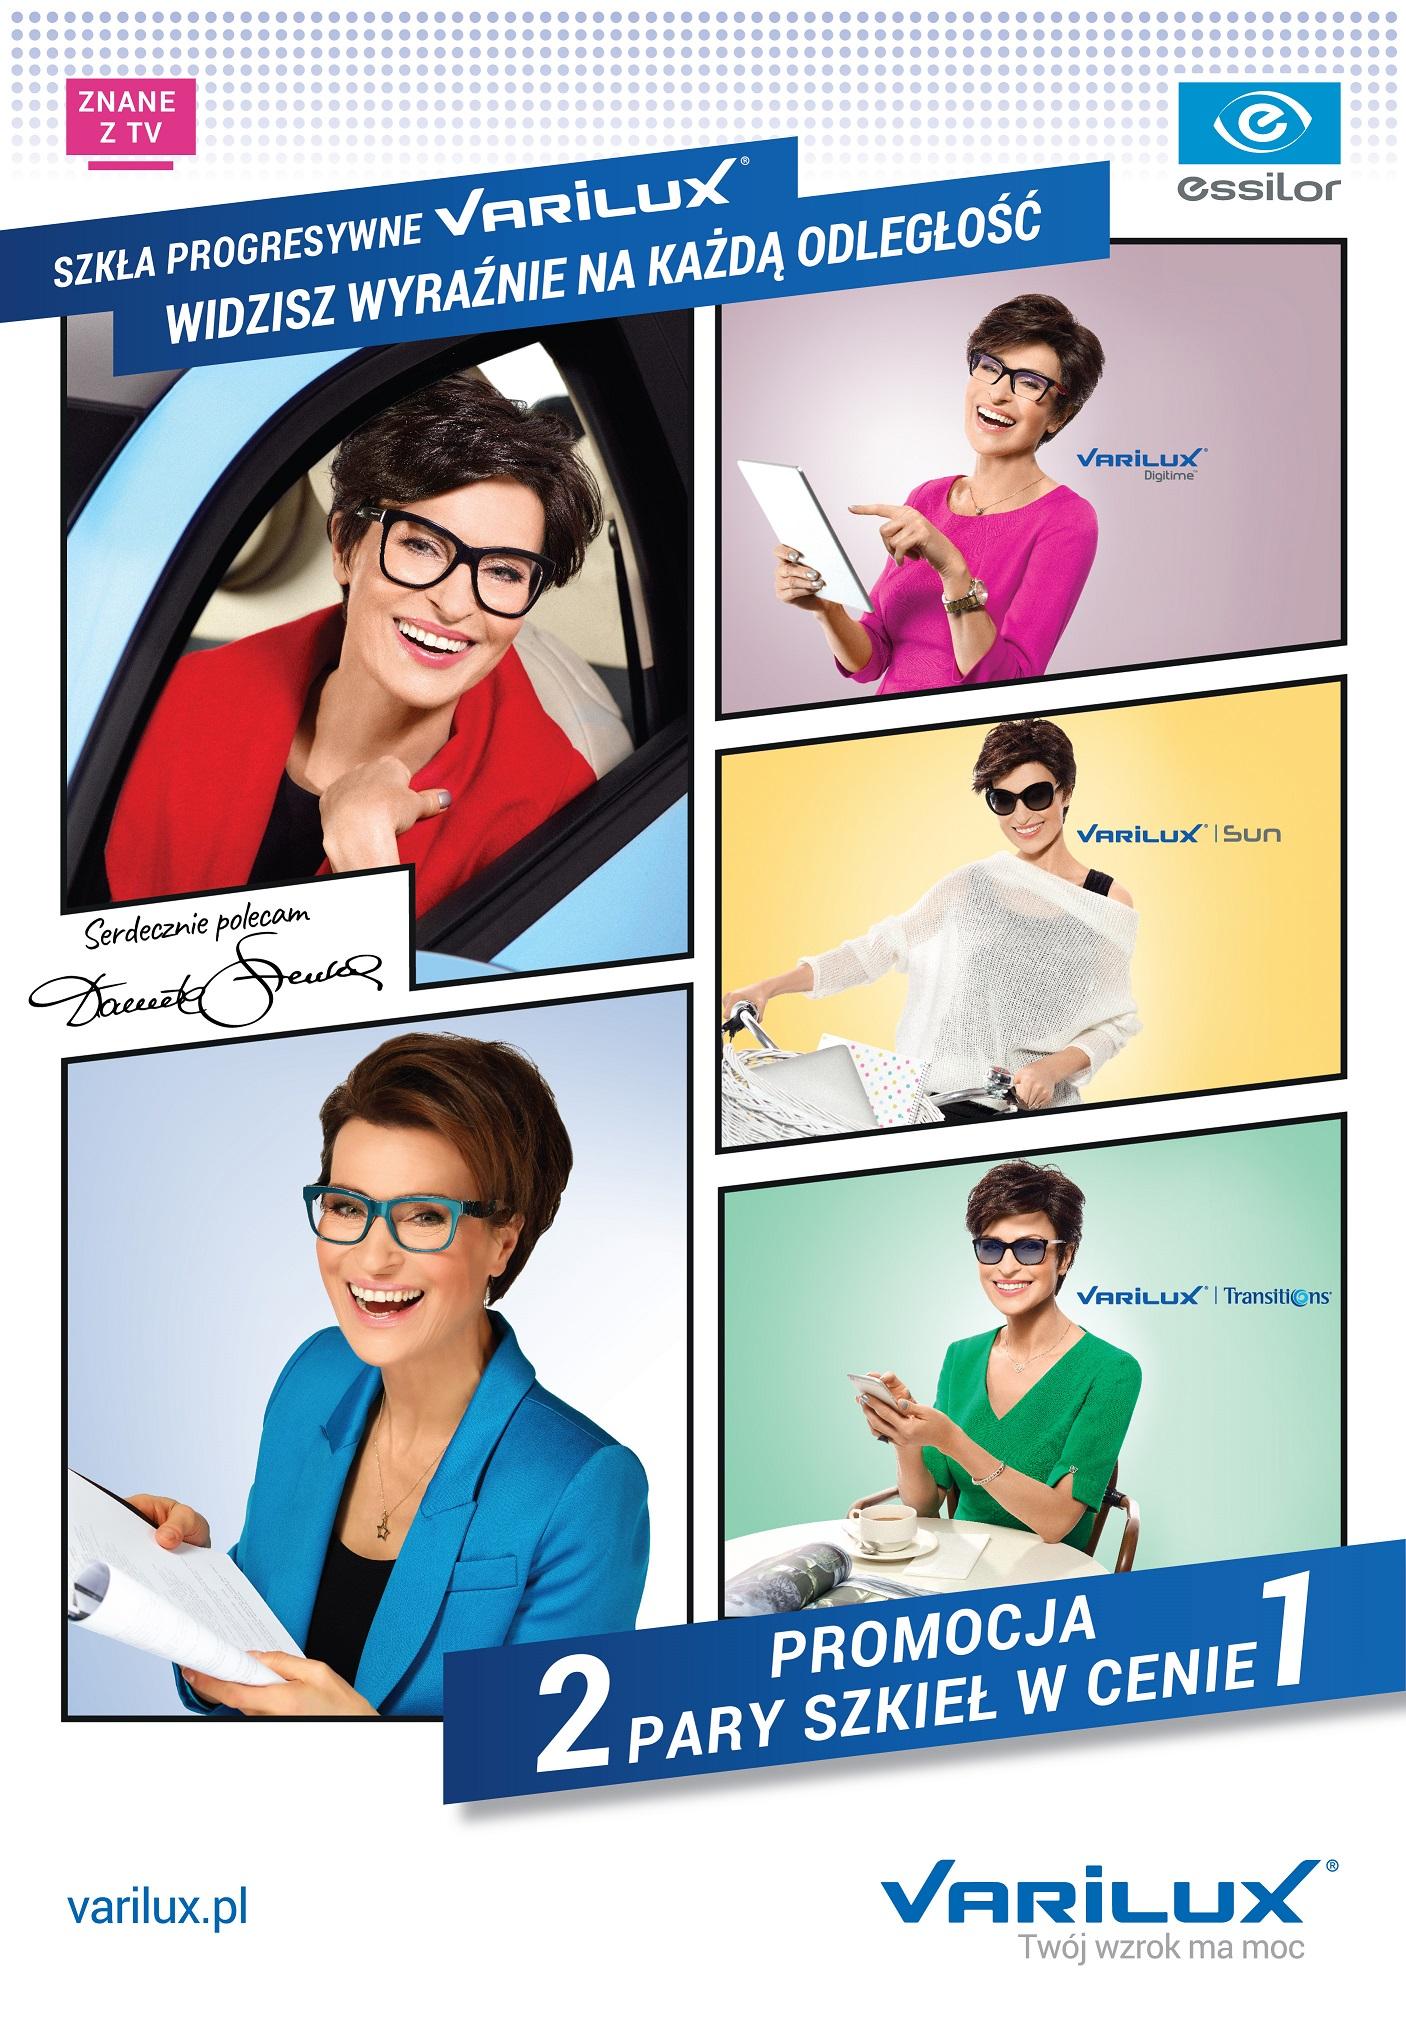 40b7ee2f6f1041 Okulary progresywne - Wielka Kampania Varilux - promocja na szkła  progresywne